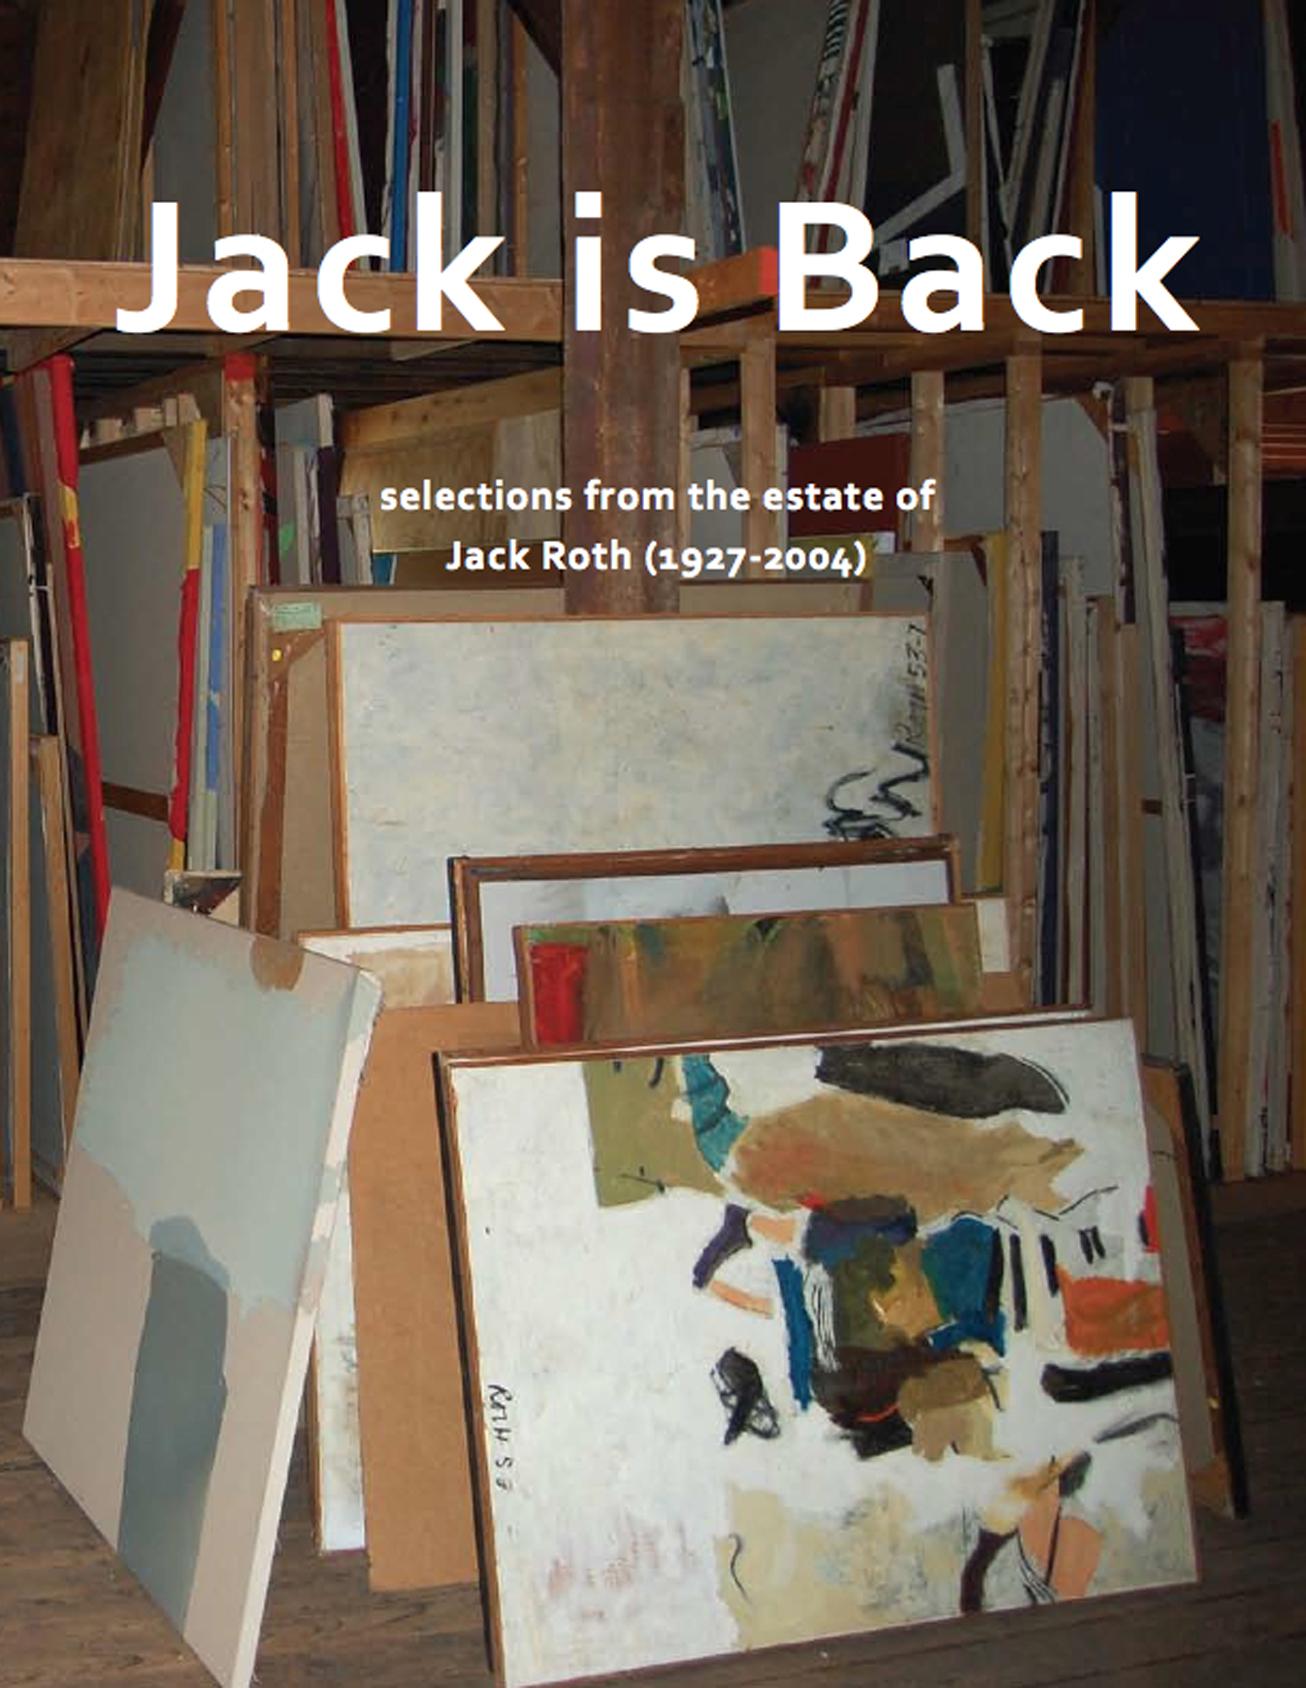 jackisback_00.JPG